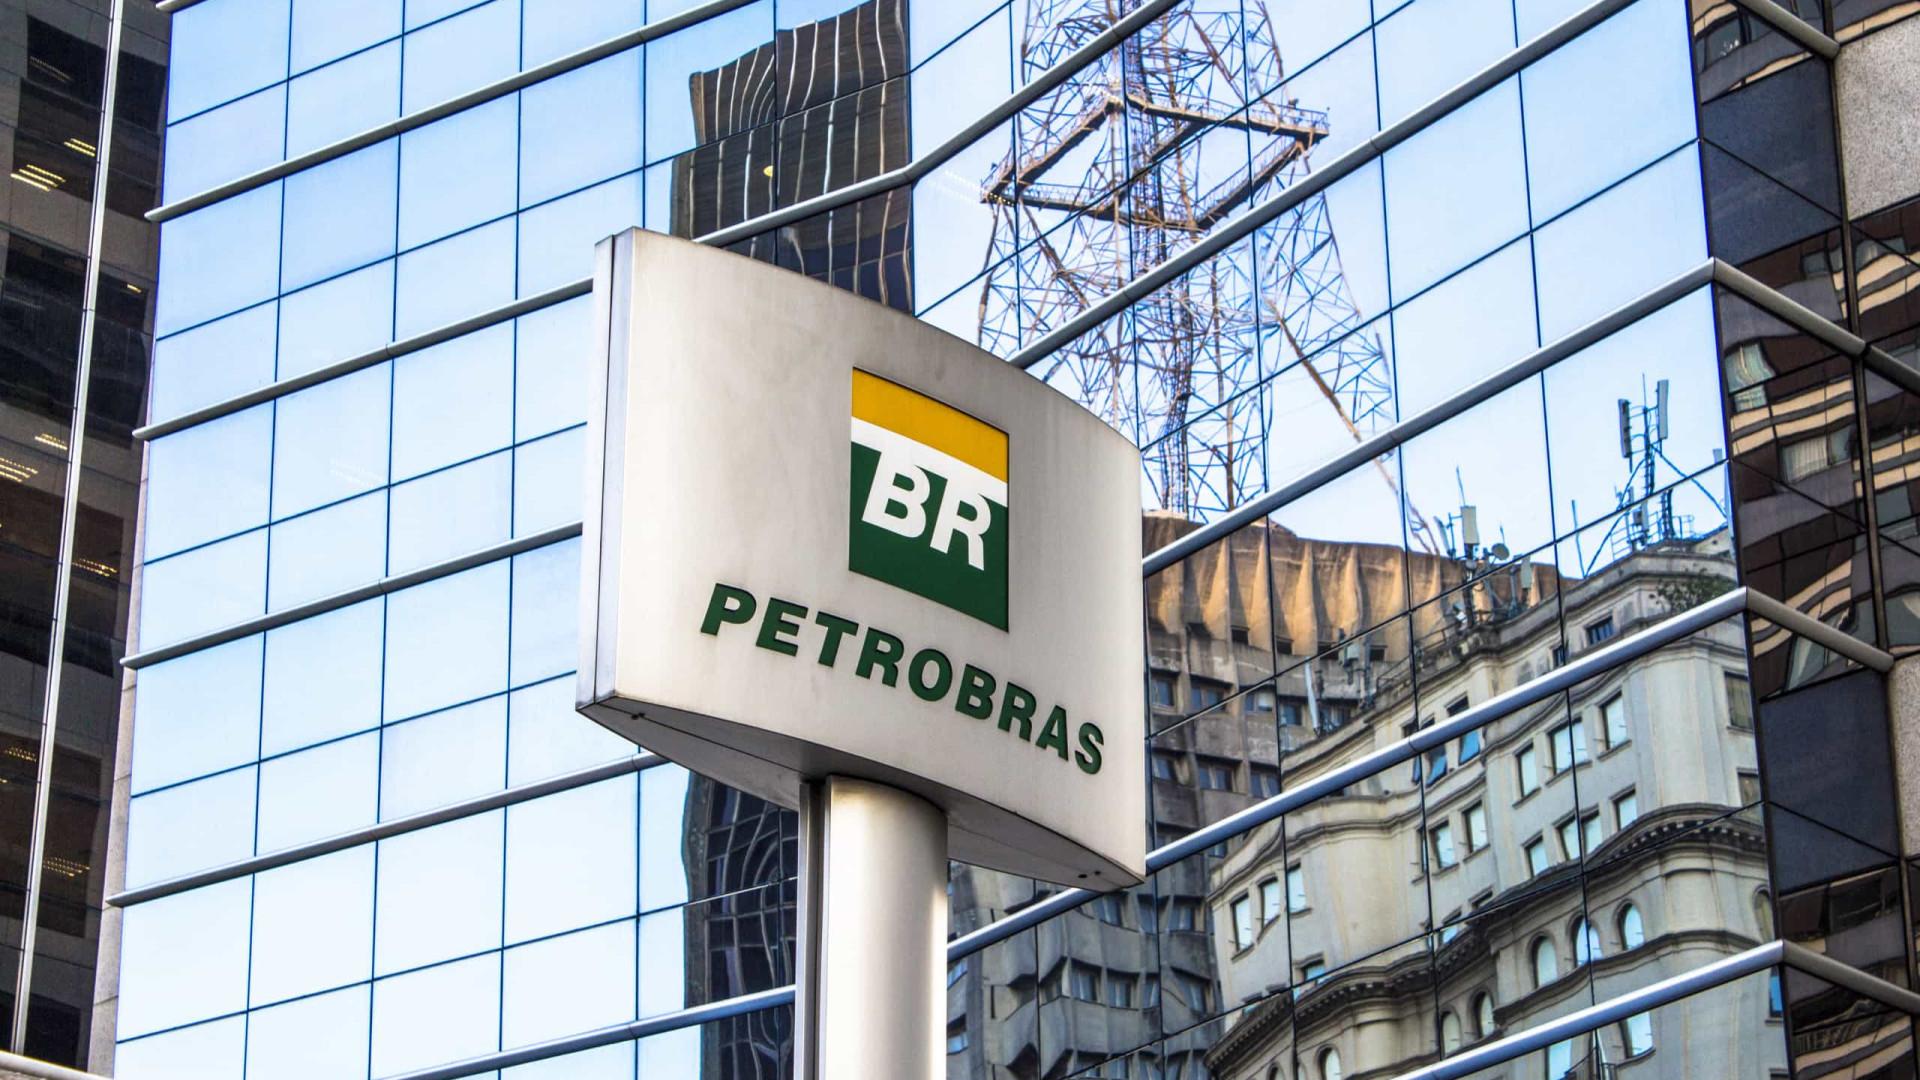 Conselho aprova assembleia para trocar presidente na Petrobras e promete zelar por preços